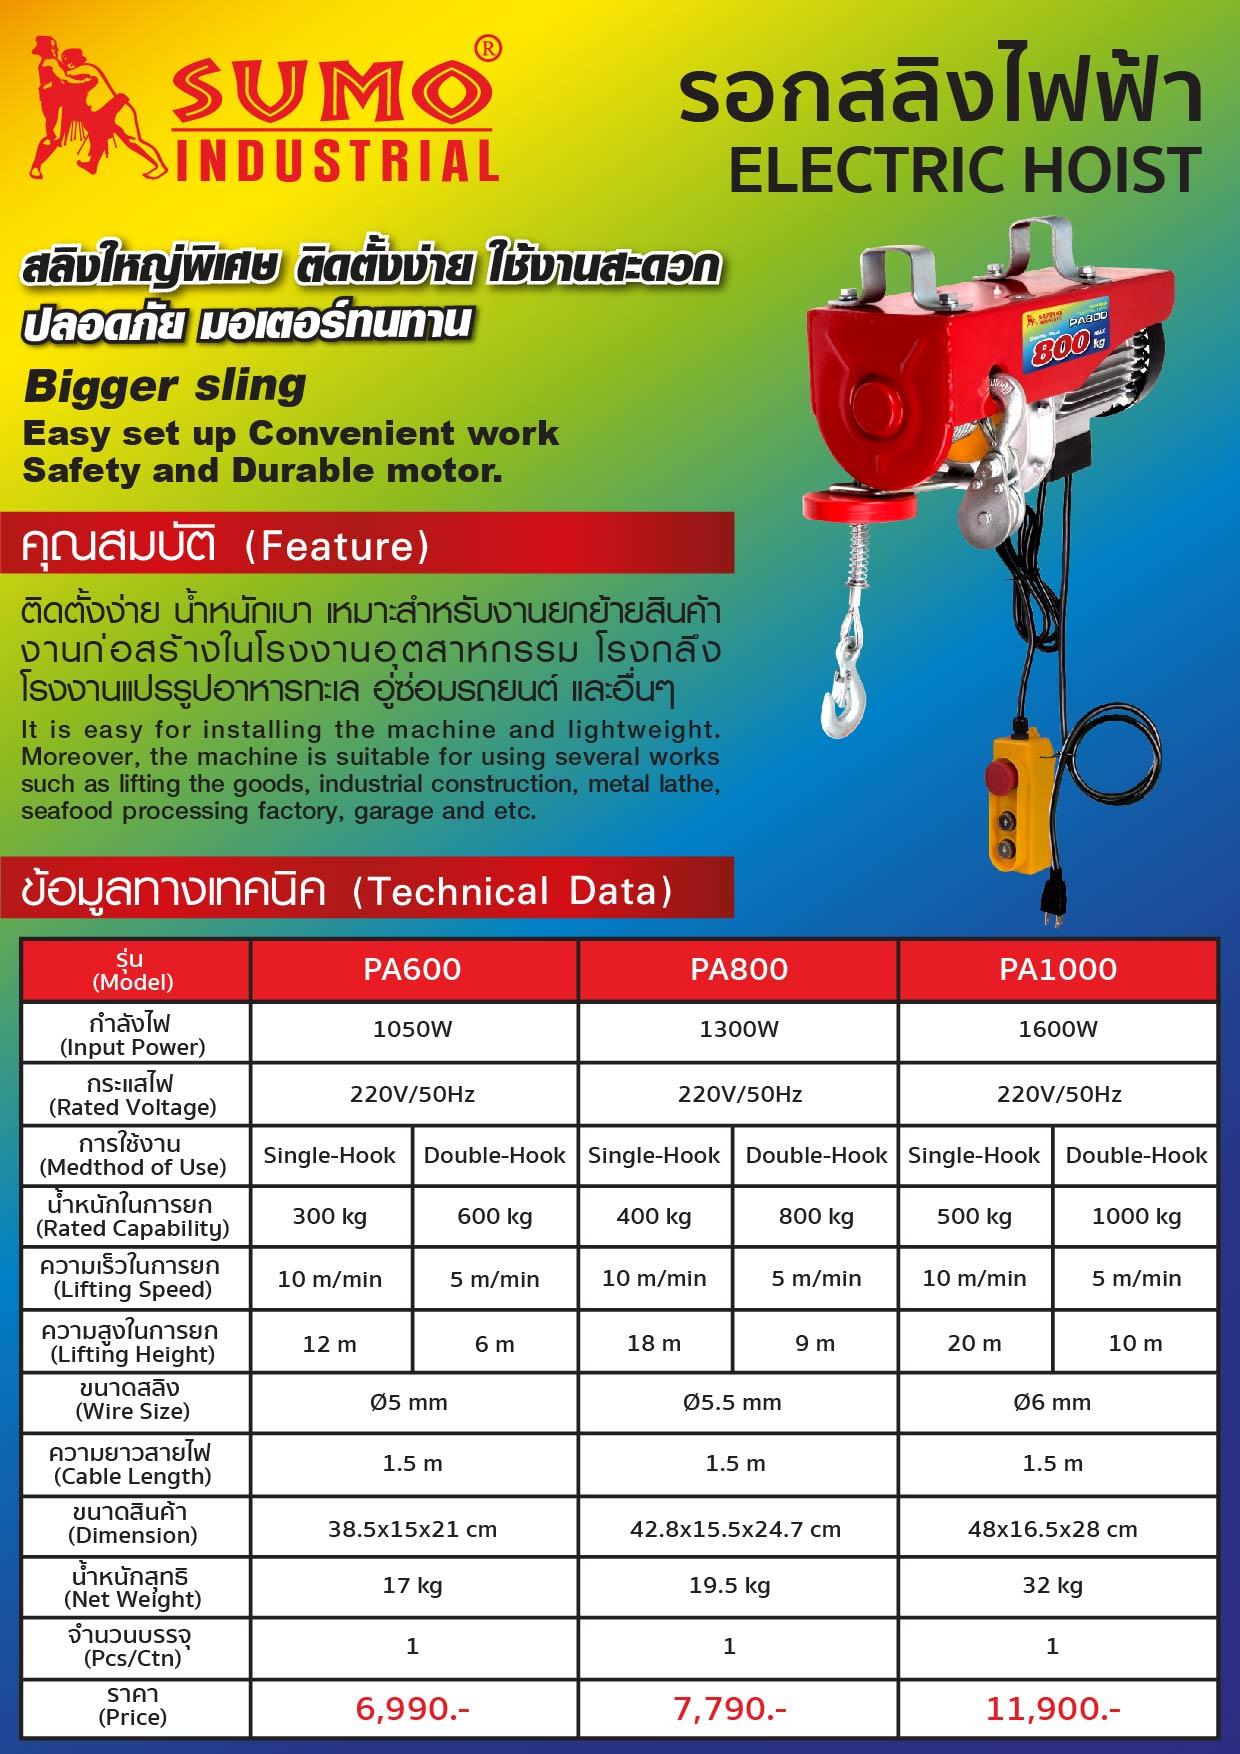 (2/12) รอกไฟฟ้า - Electric Hoist